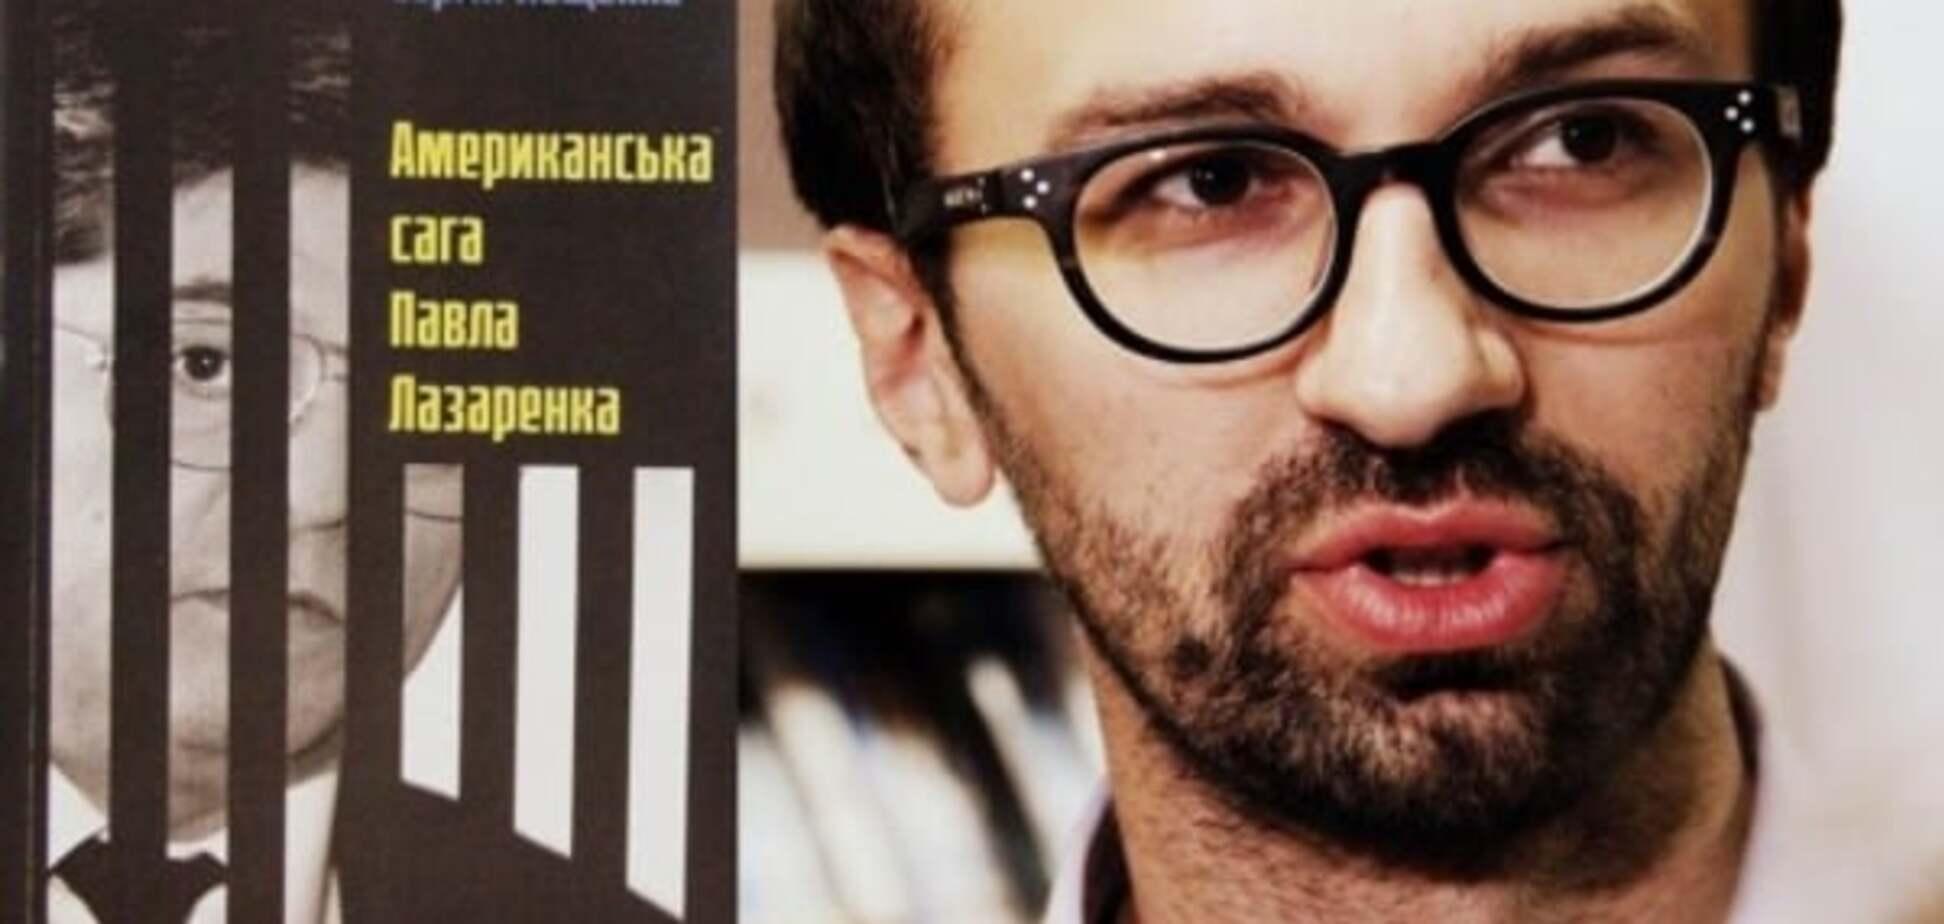 Депутат Лещенко вспомнил еще о гонораре за книгу